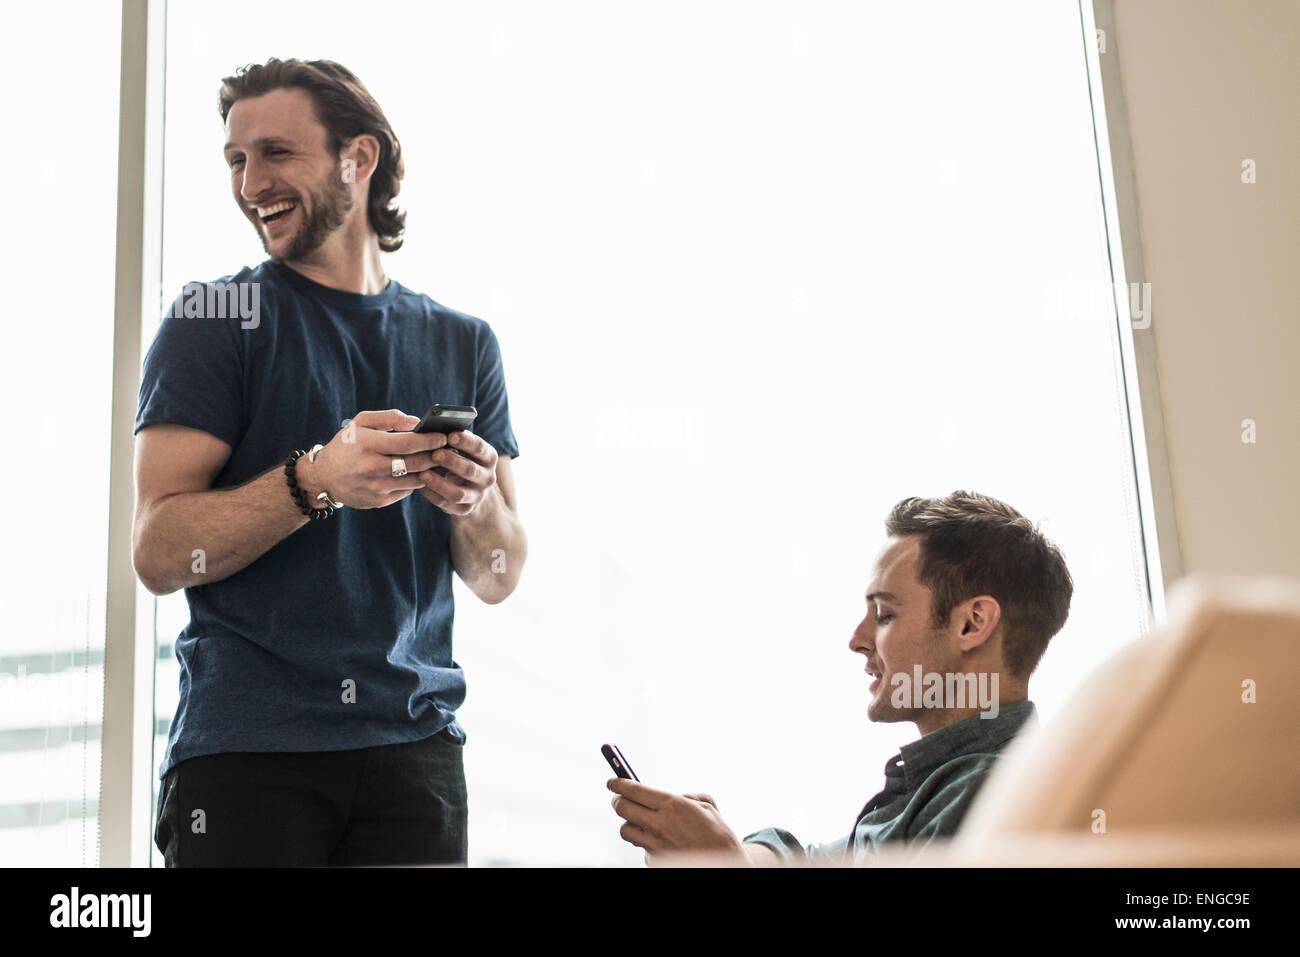 Zwei Männer in einem Büro, überprüfen ihre Smartphones. Ein aussehende Weg lachen. Stockfoto